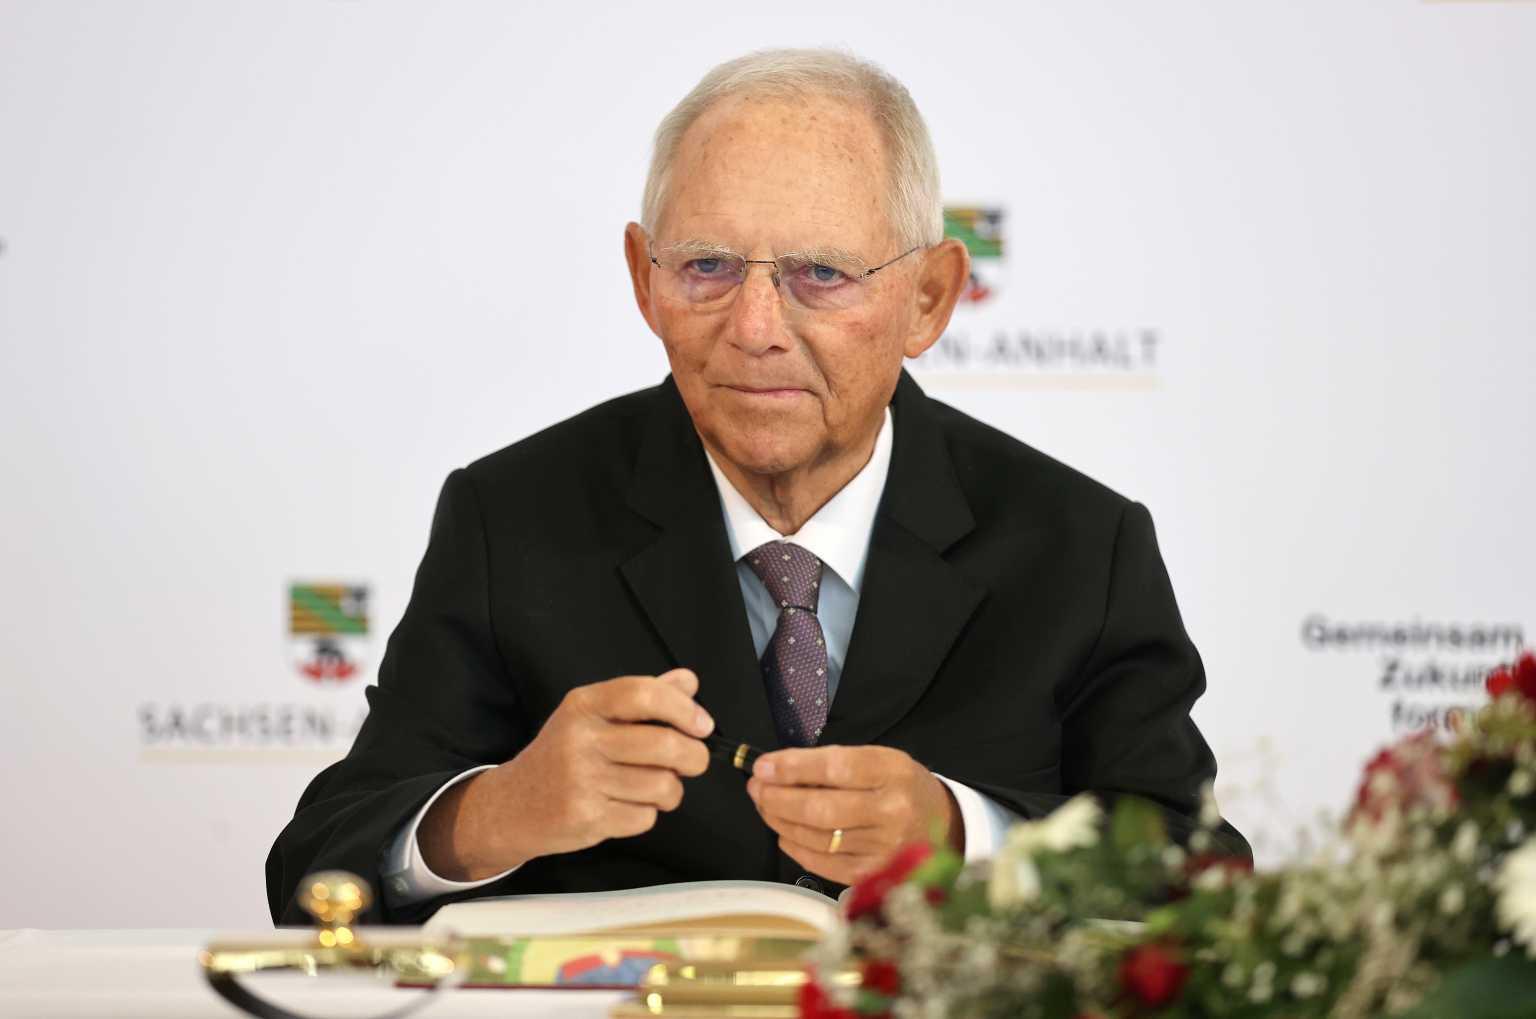 Γερμανία – Σόιμπλε: Δε θέλει να έχει πλέον ηγετικό ρόλο στο Χριστιανοδημοκρατικό κόμμα